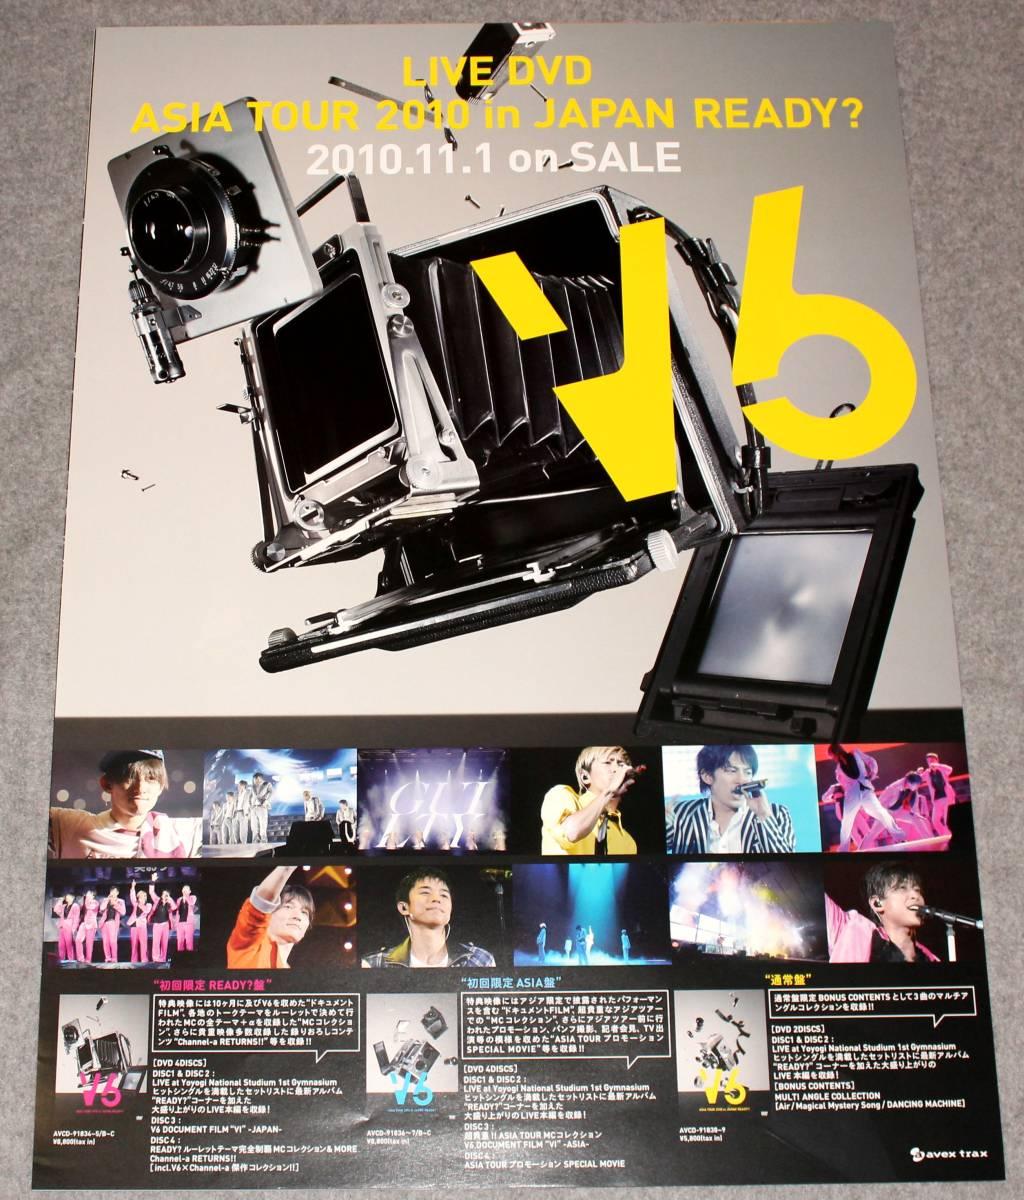 Ж2 告知ポスター V6 [ASIA TOUR 2010 in JAPAN READY? ]井ノ原快彦 岡田准一